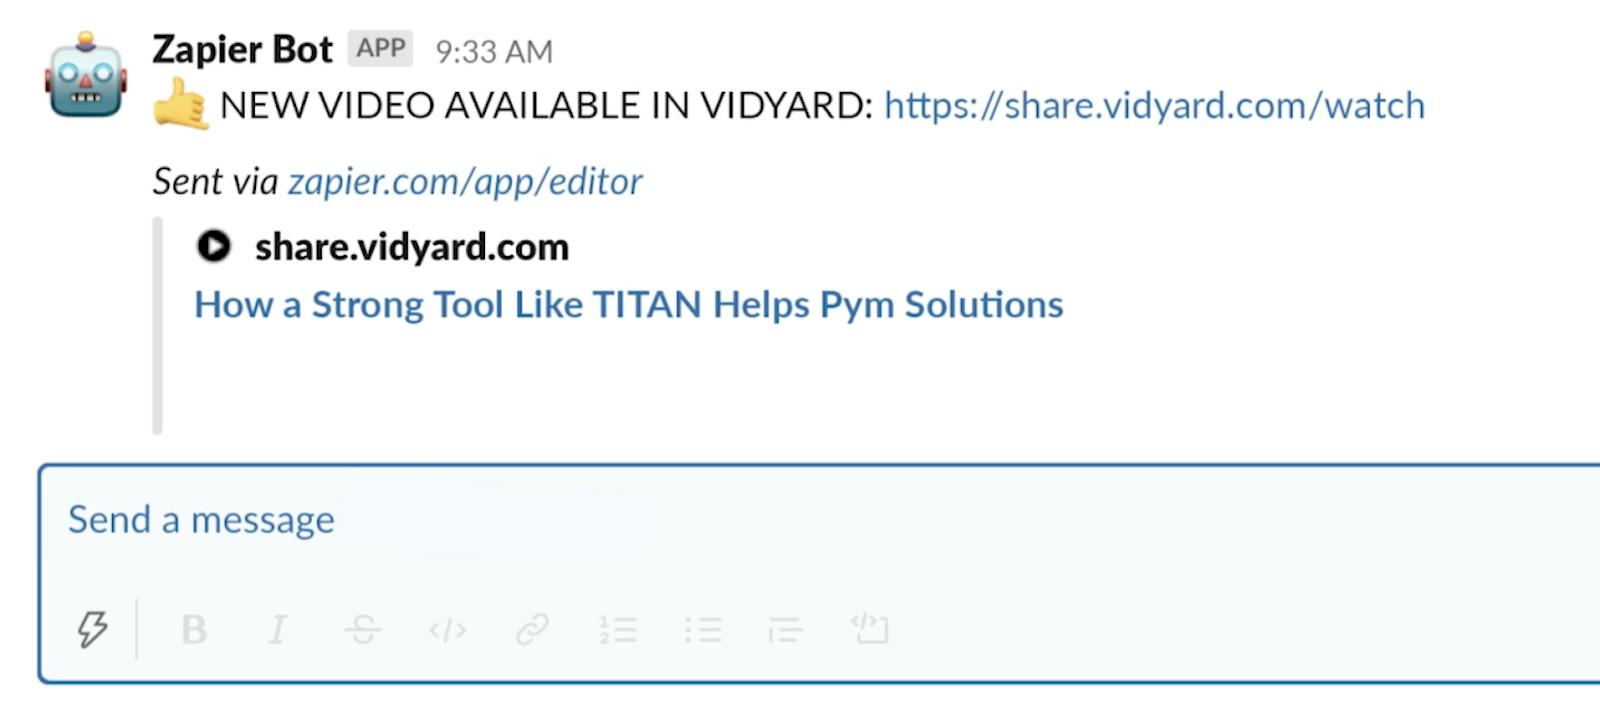 Zapier-Integration: Informieren von Slack-Kanälen, wenn neue Videos veröffentlicht werden, um den Video-Workflow zu verfeinern